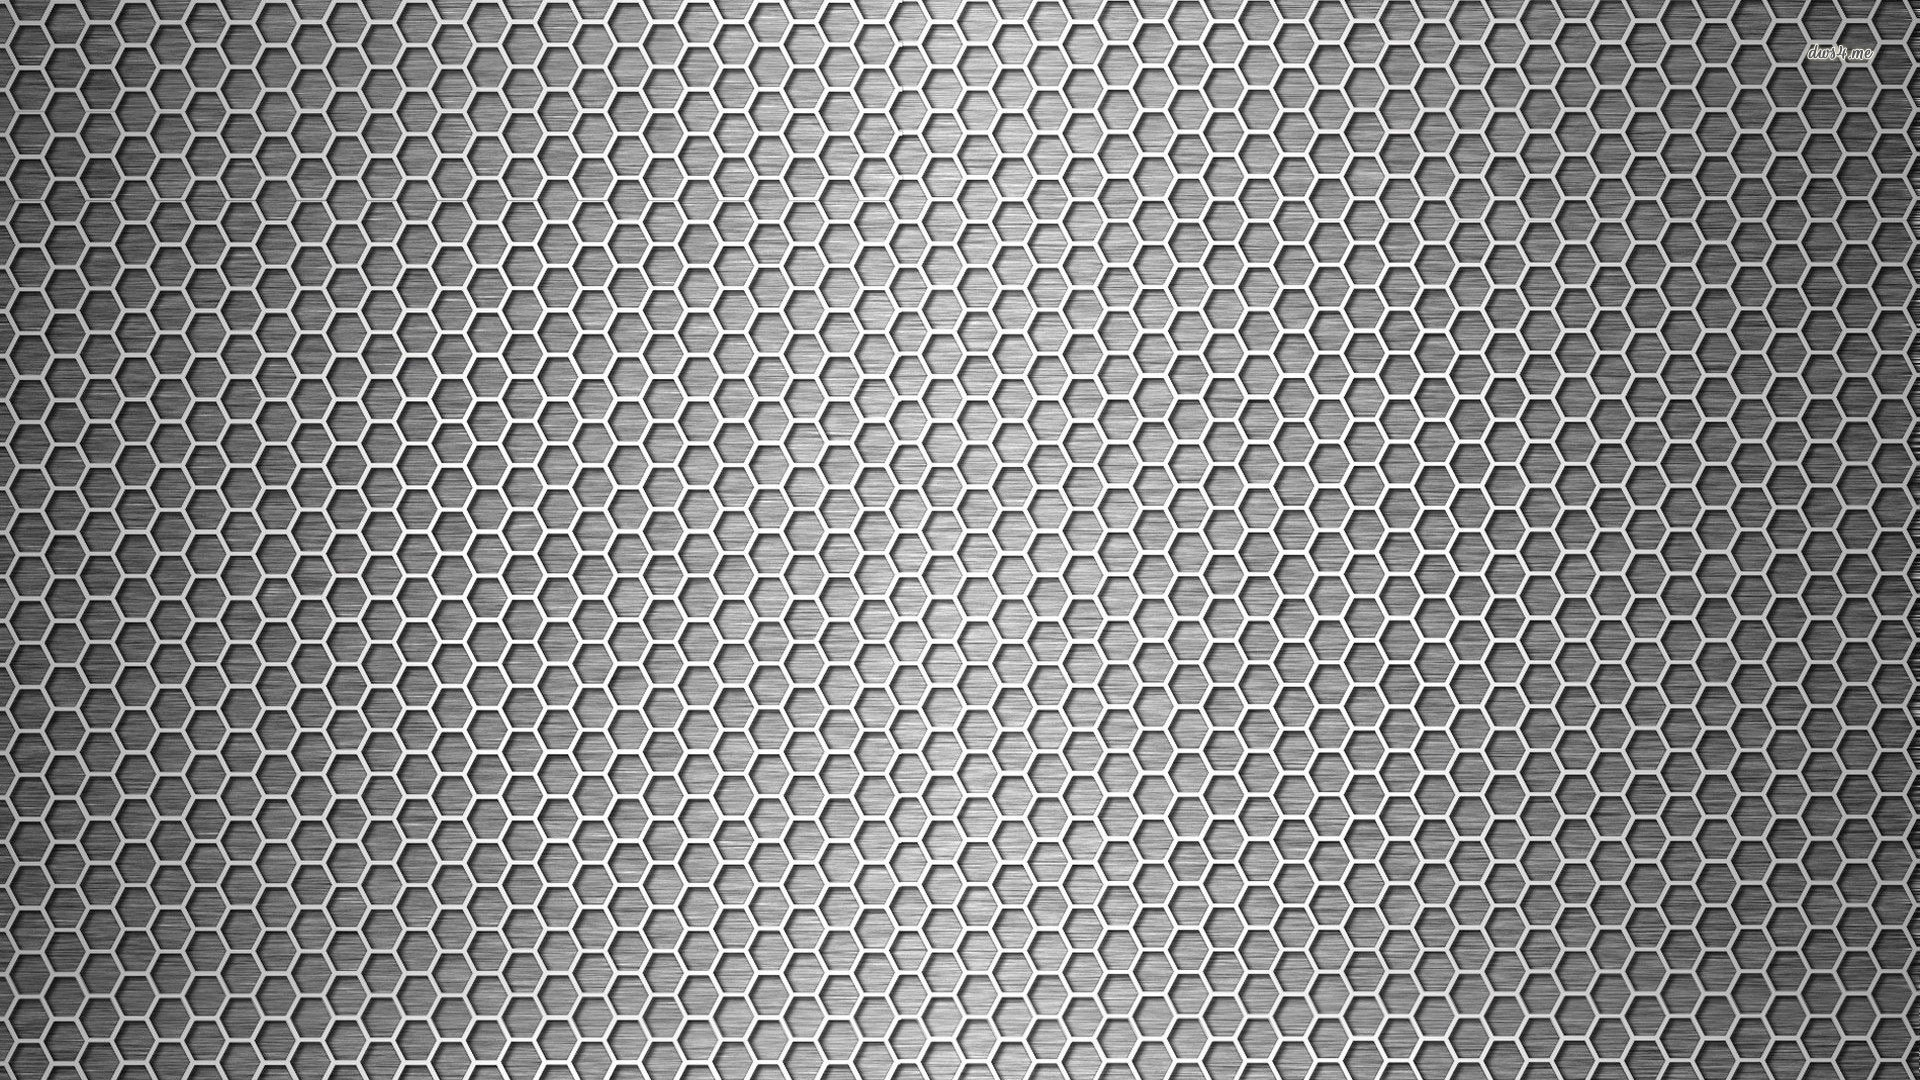 carbon fiber wallpaper (24)